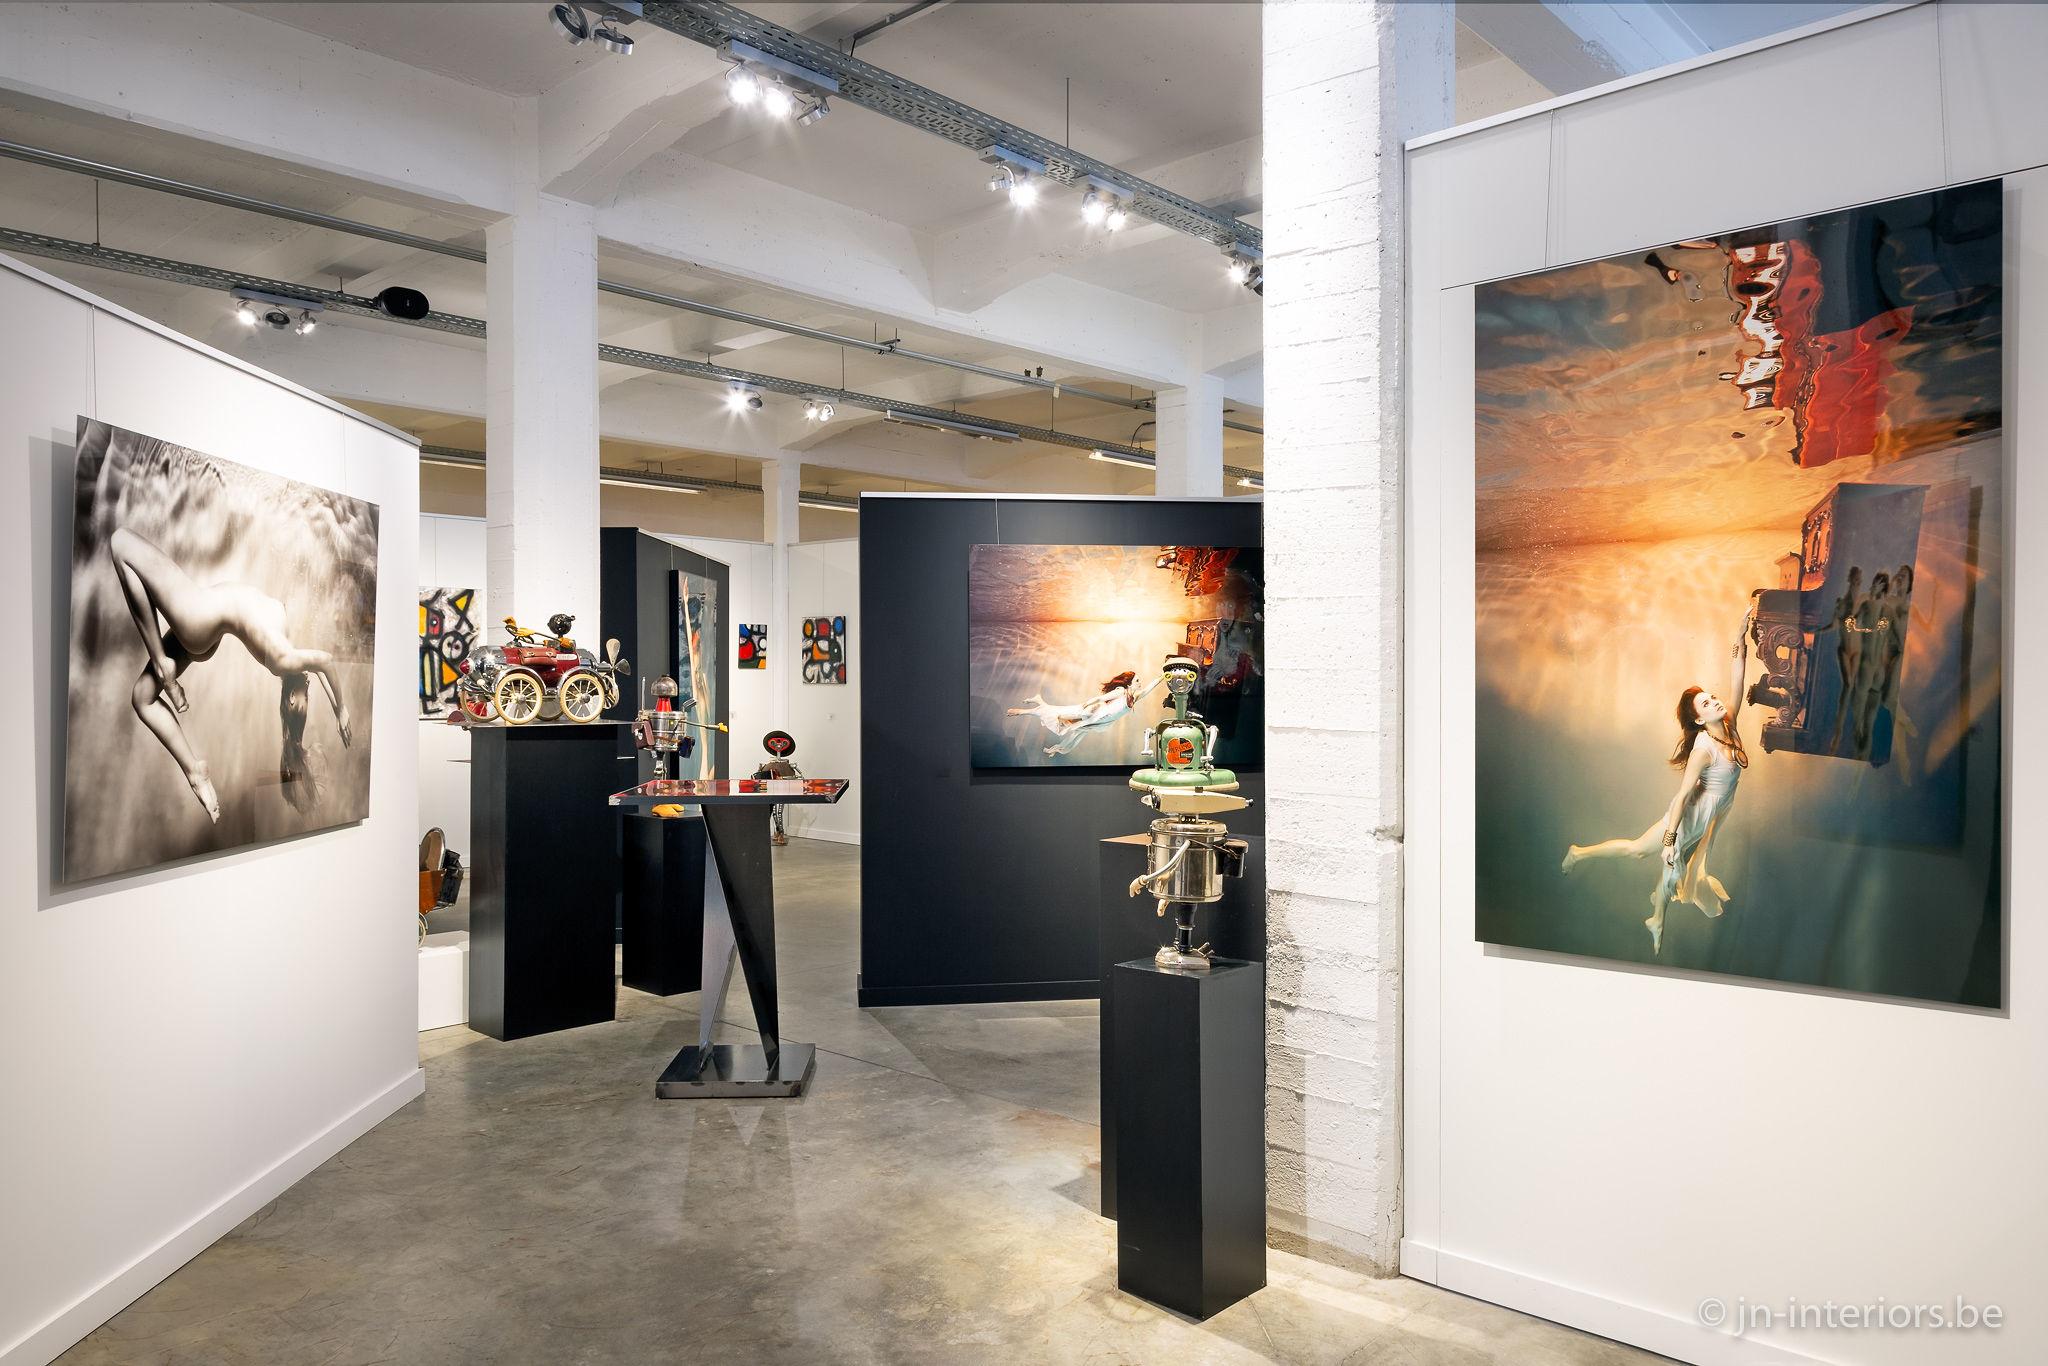 photographie, photographe belge, harry fayt, galerie d'art, jn interiors, artistes belges, jour et nuit liège verviers